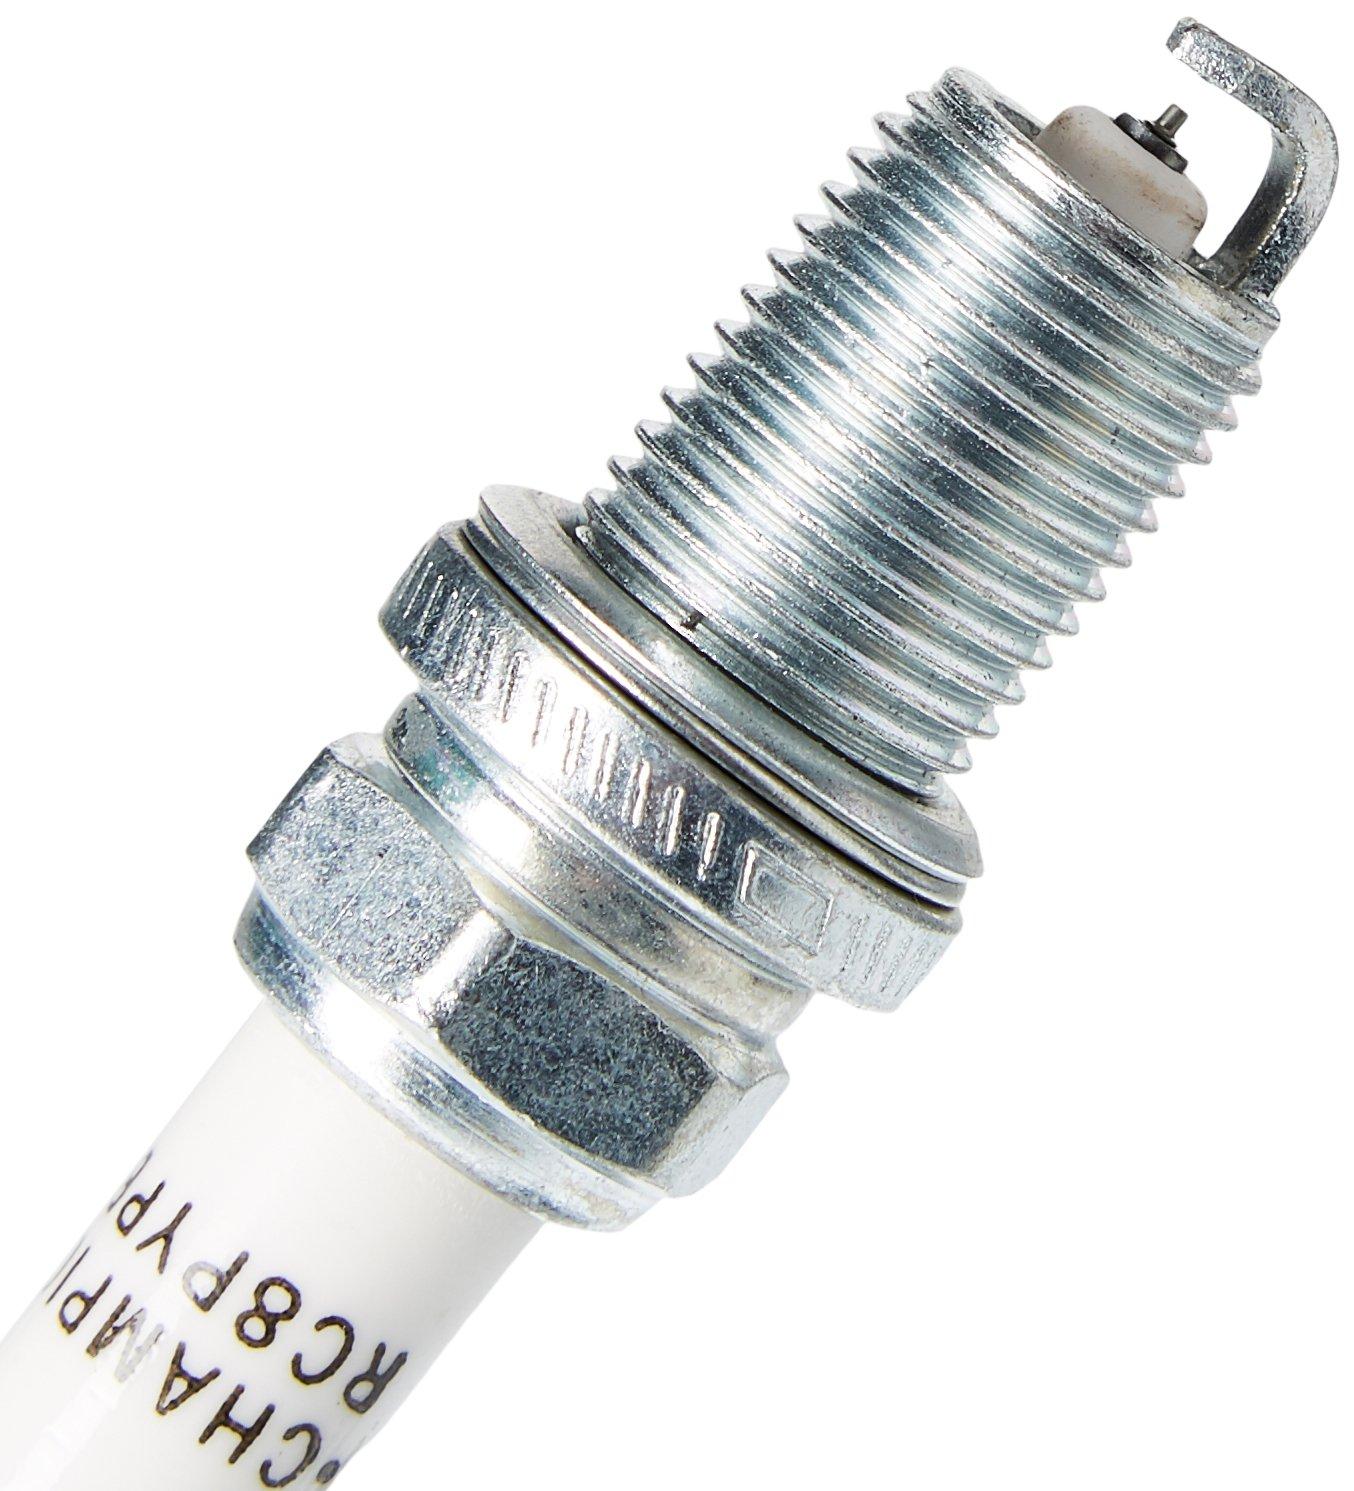 Champion OE195//R04 Candele di Accensione a Iridio 9804 RN8WYPB